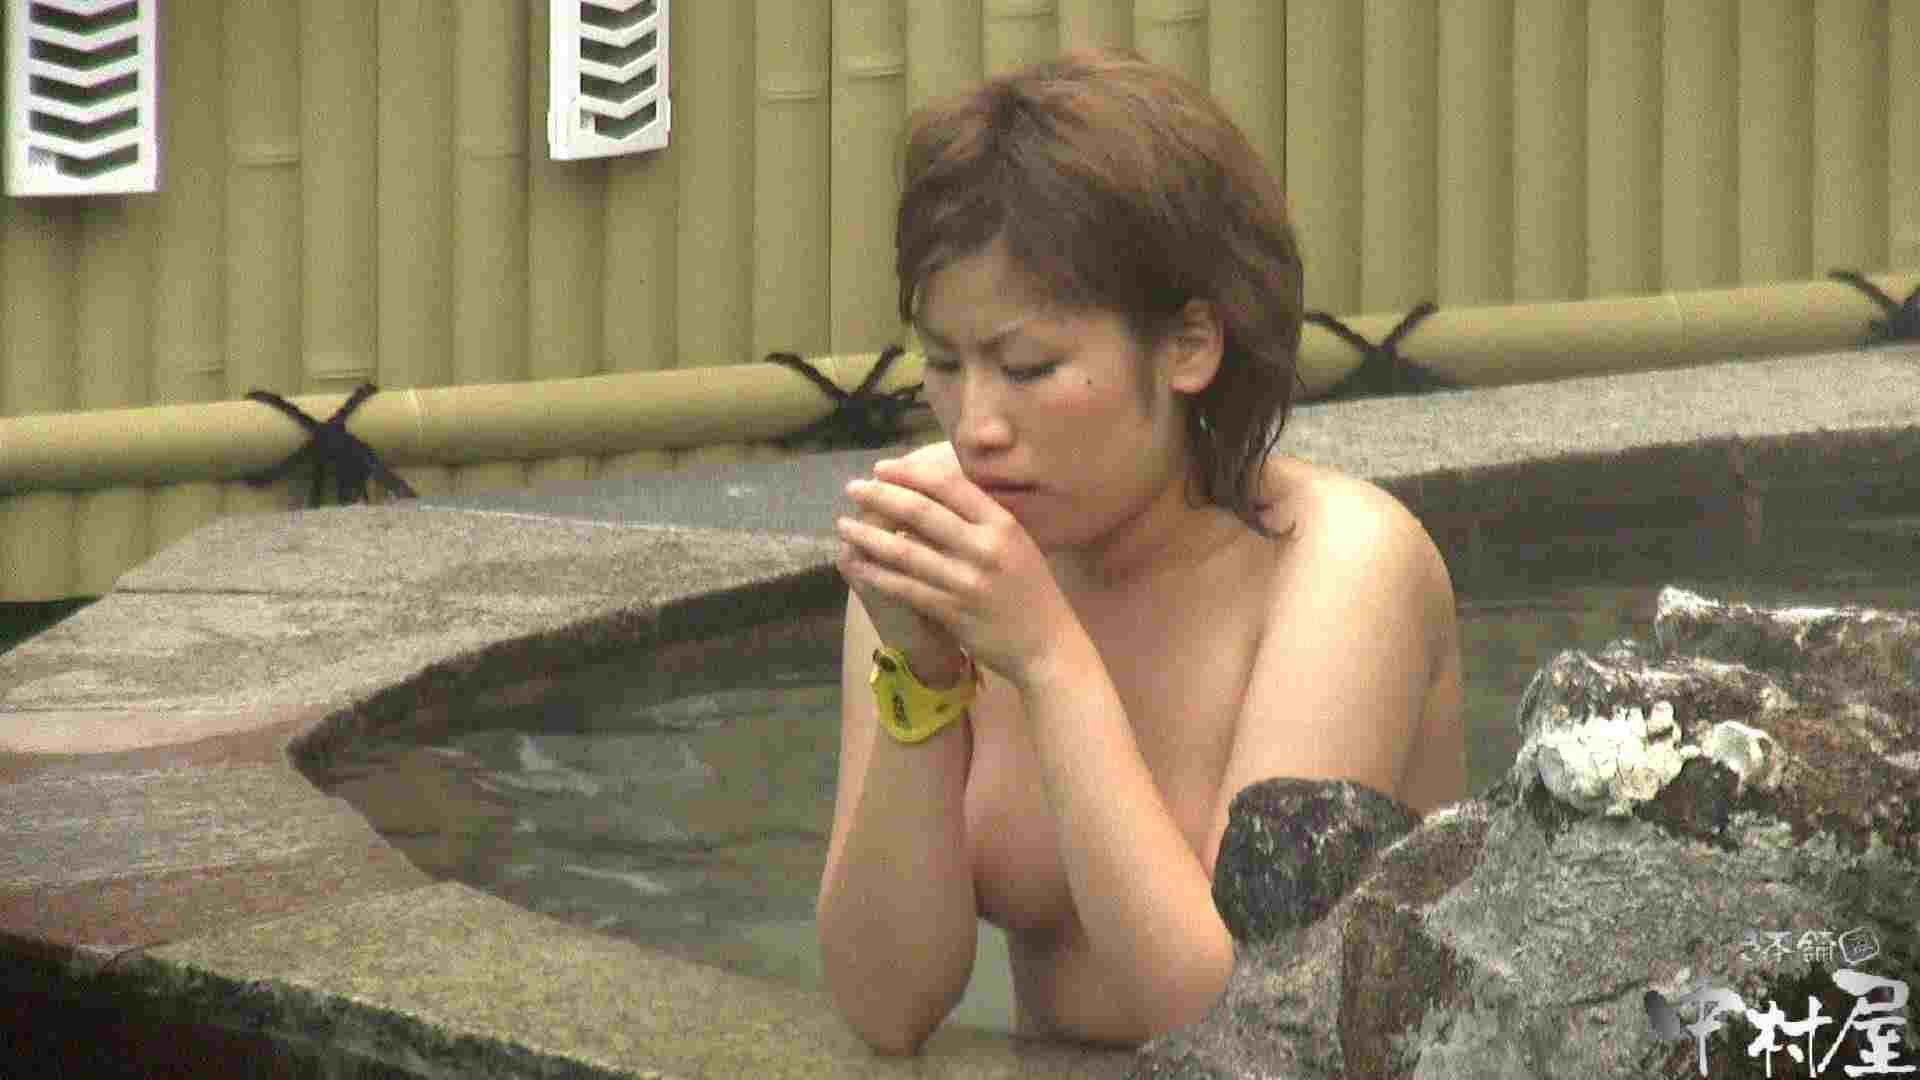 Aquaな露天風呂Vol.918 盗撮師作品 | 美しいOLの裸体  75pic 34